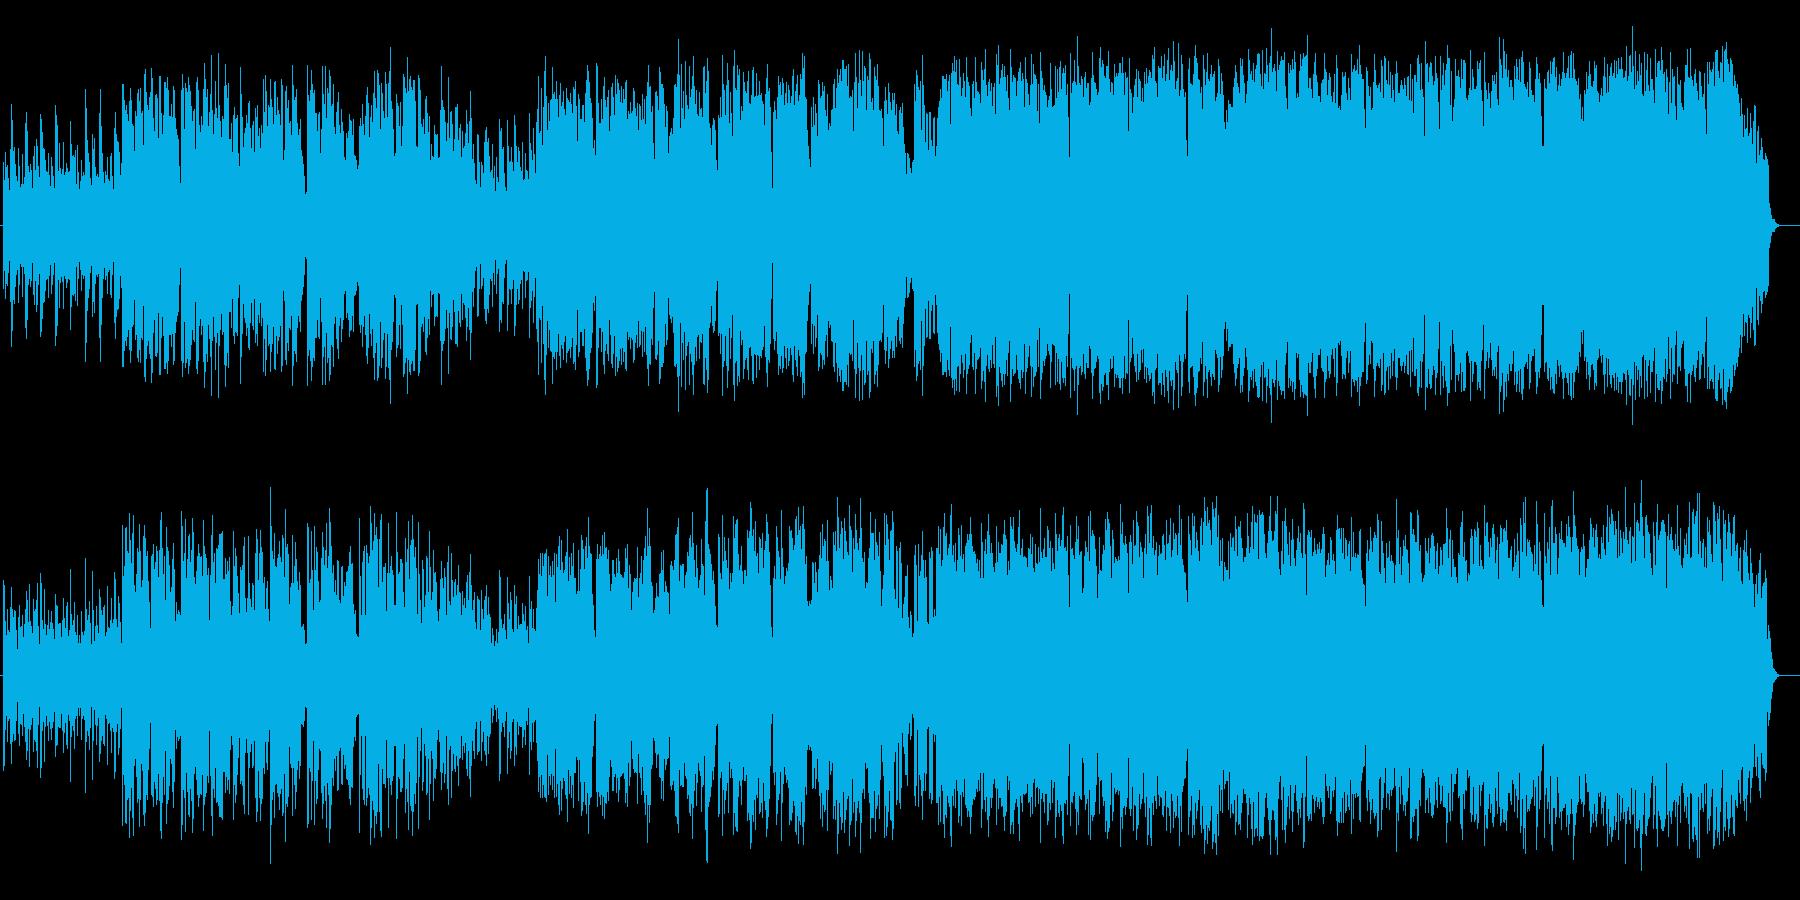 和風で民謡風のバラードの再生済みの波形